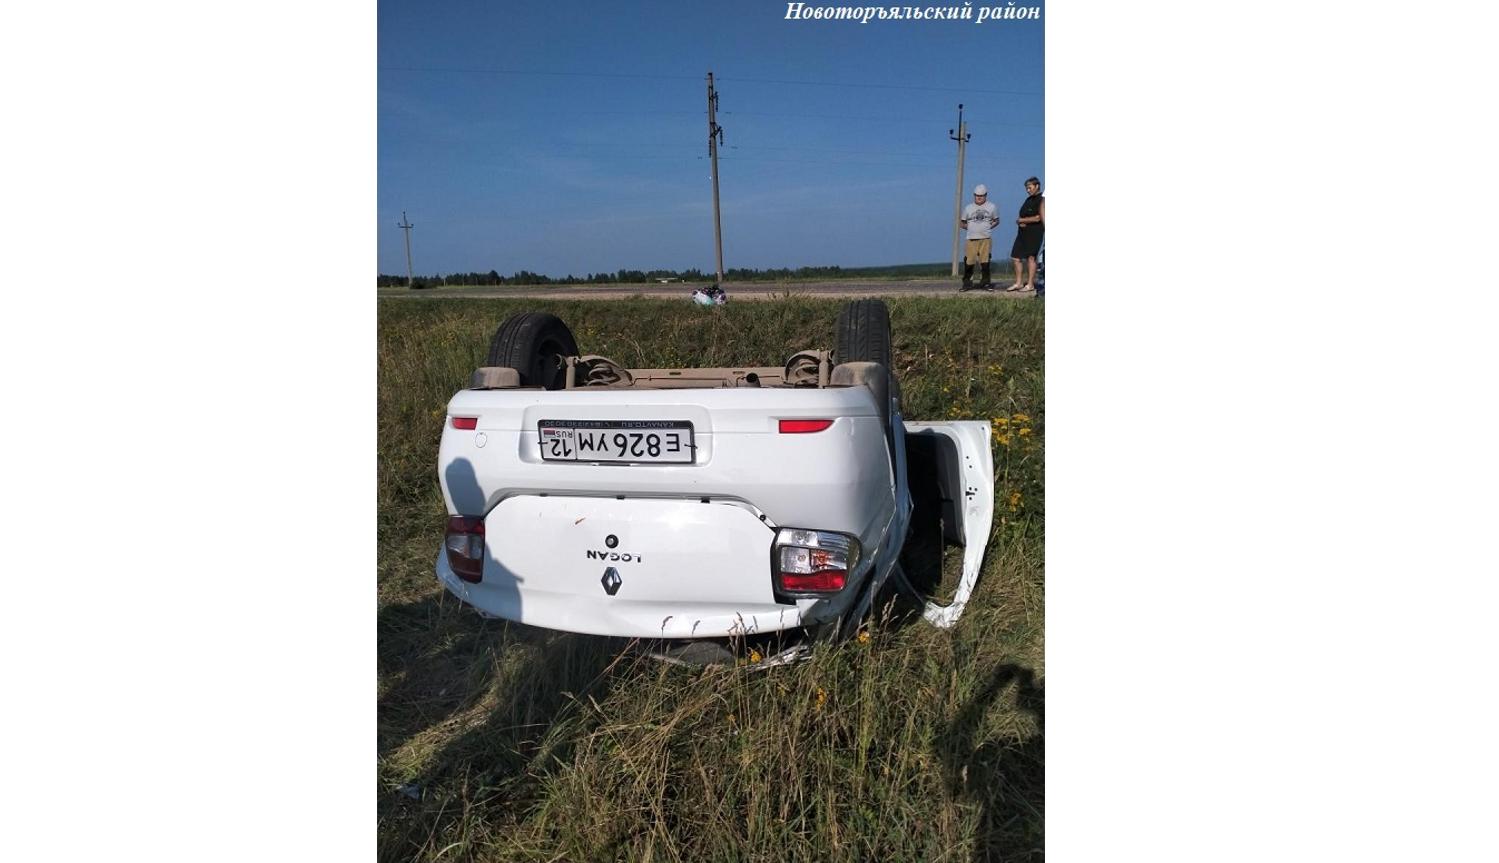 5 женщин пострадали в аварии в Новоторъяльском районе Марий Эл